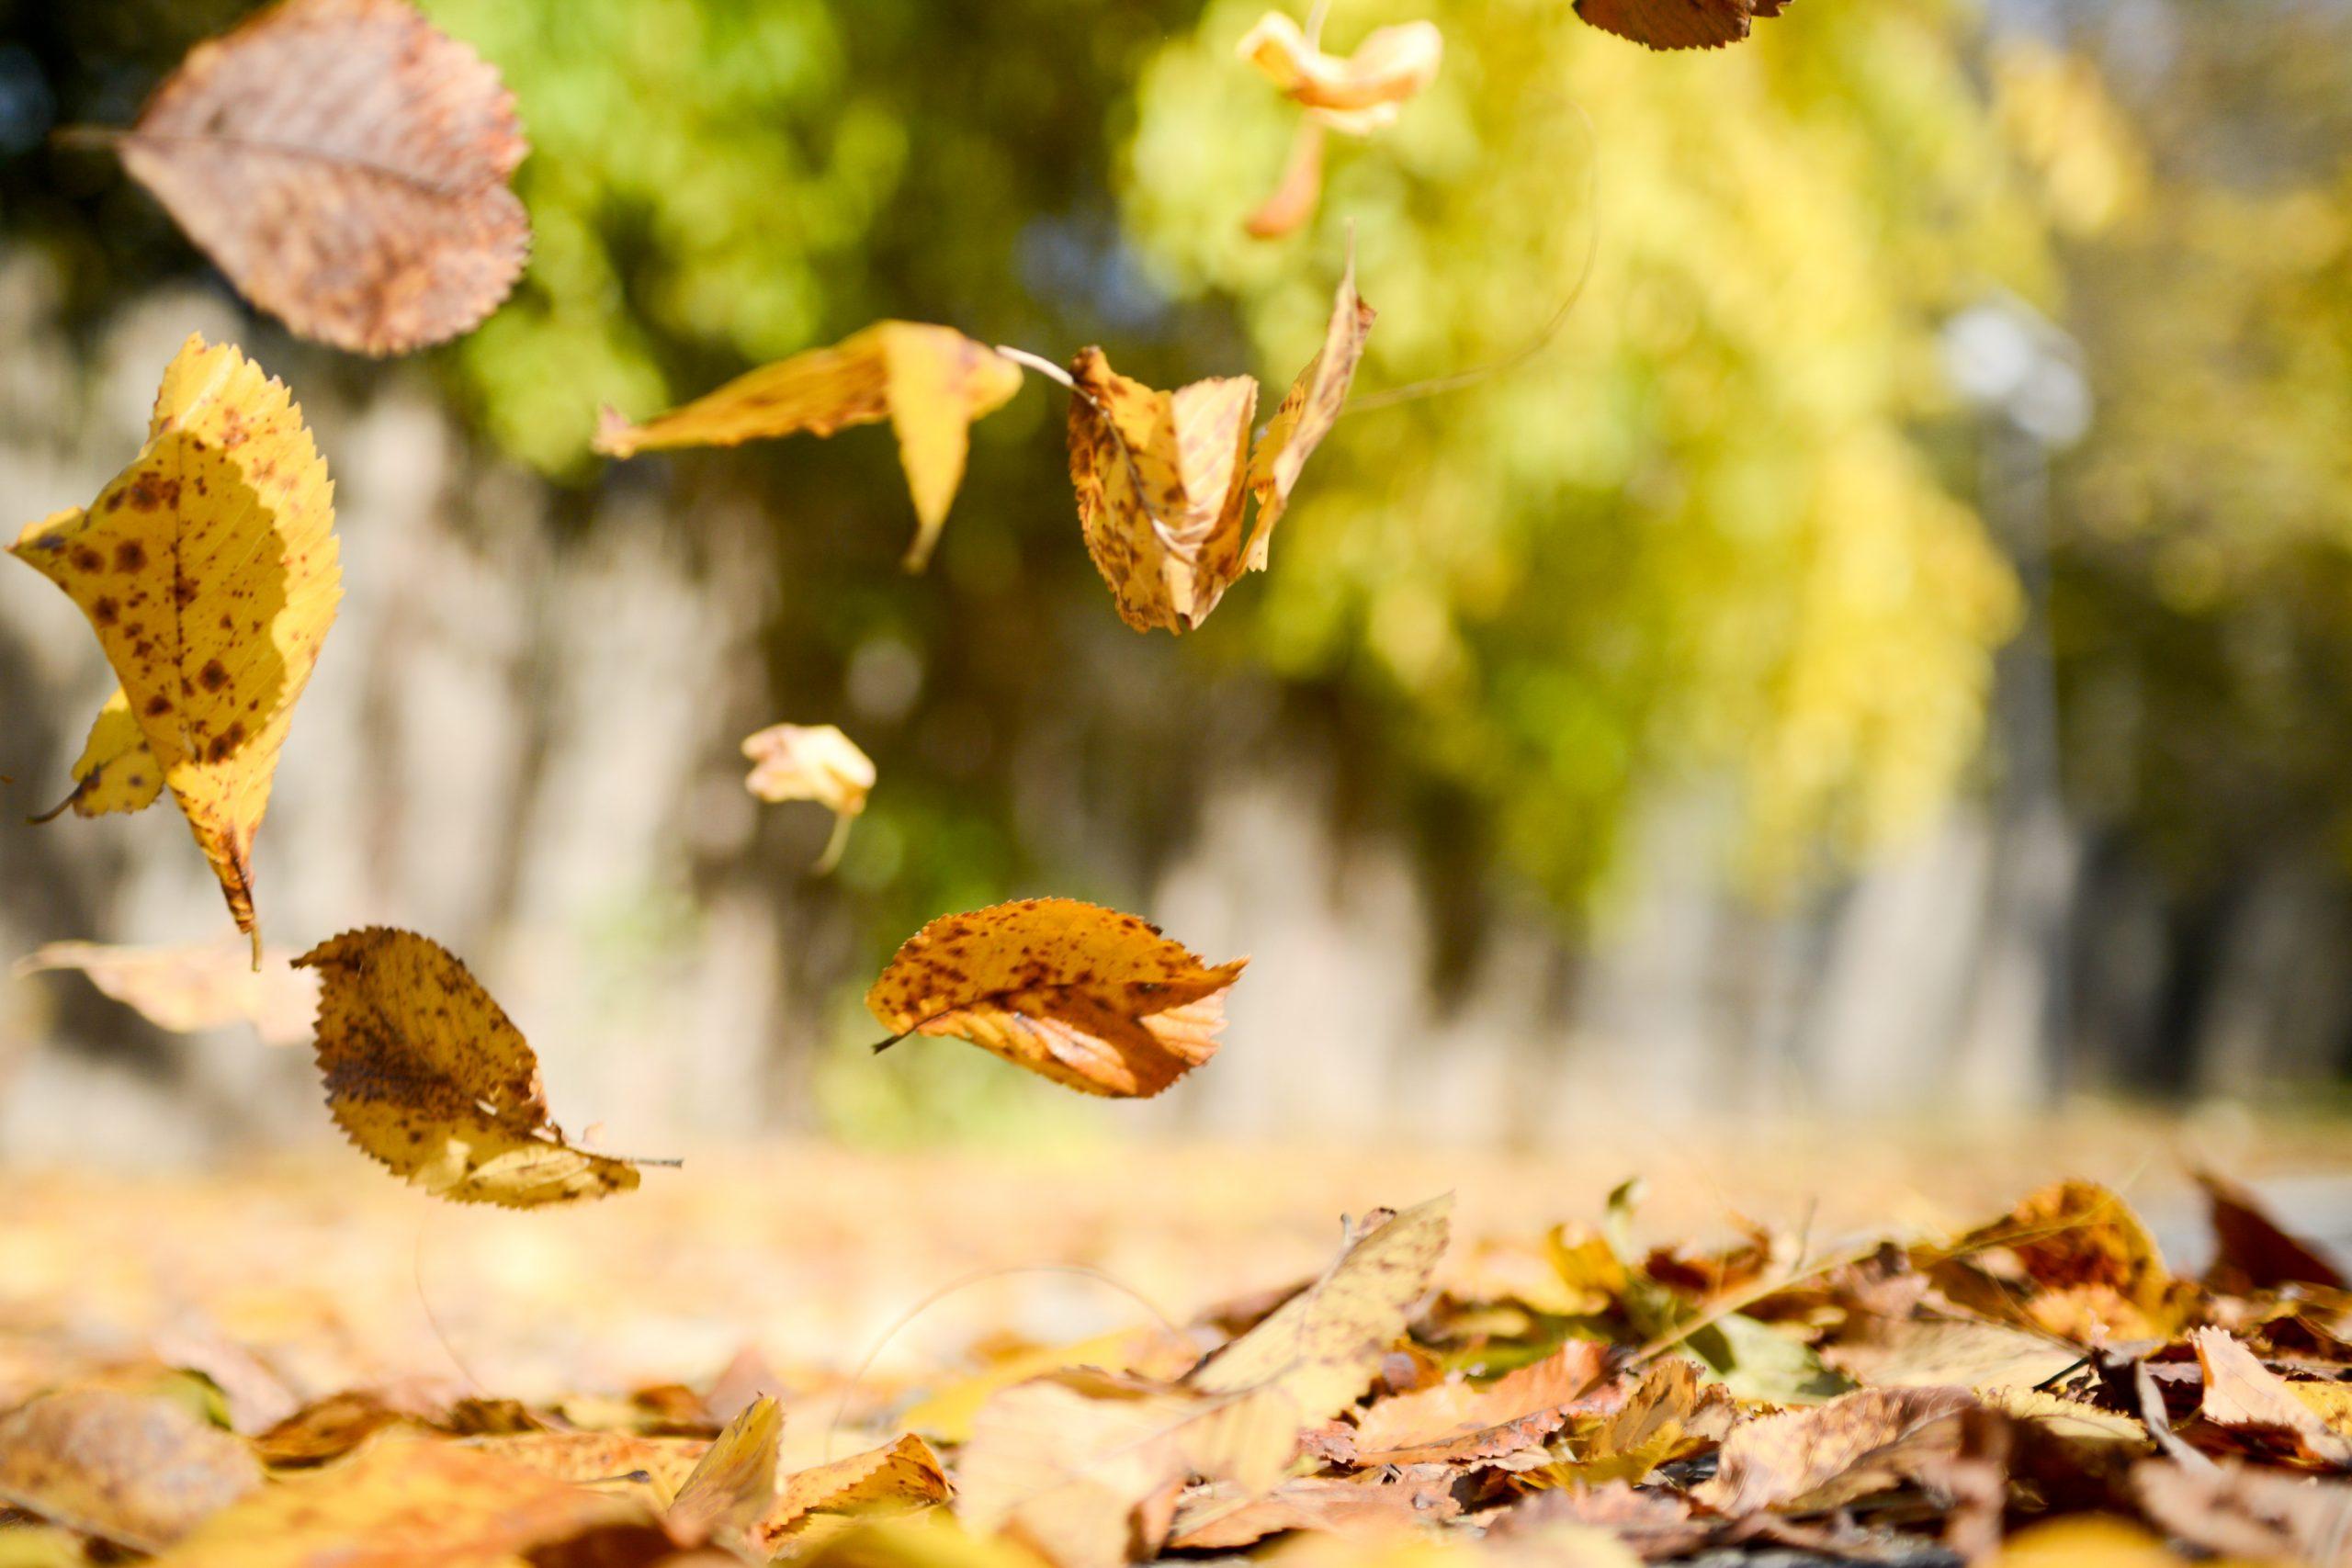 Herfstbladeren in beweging